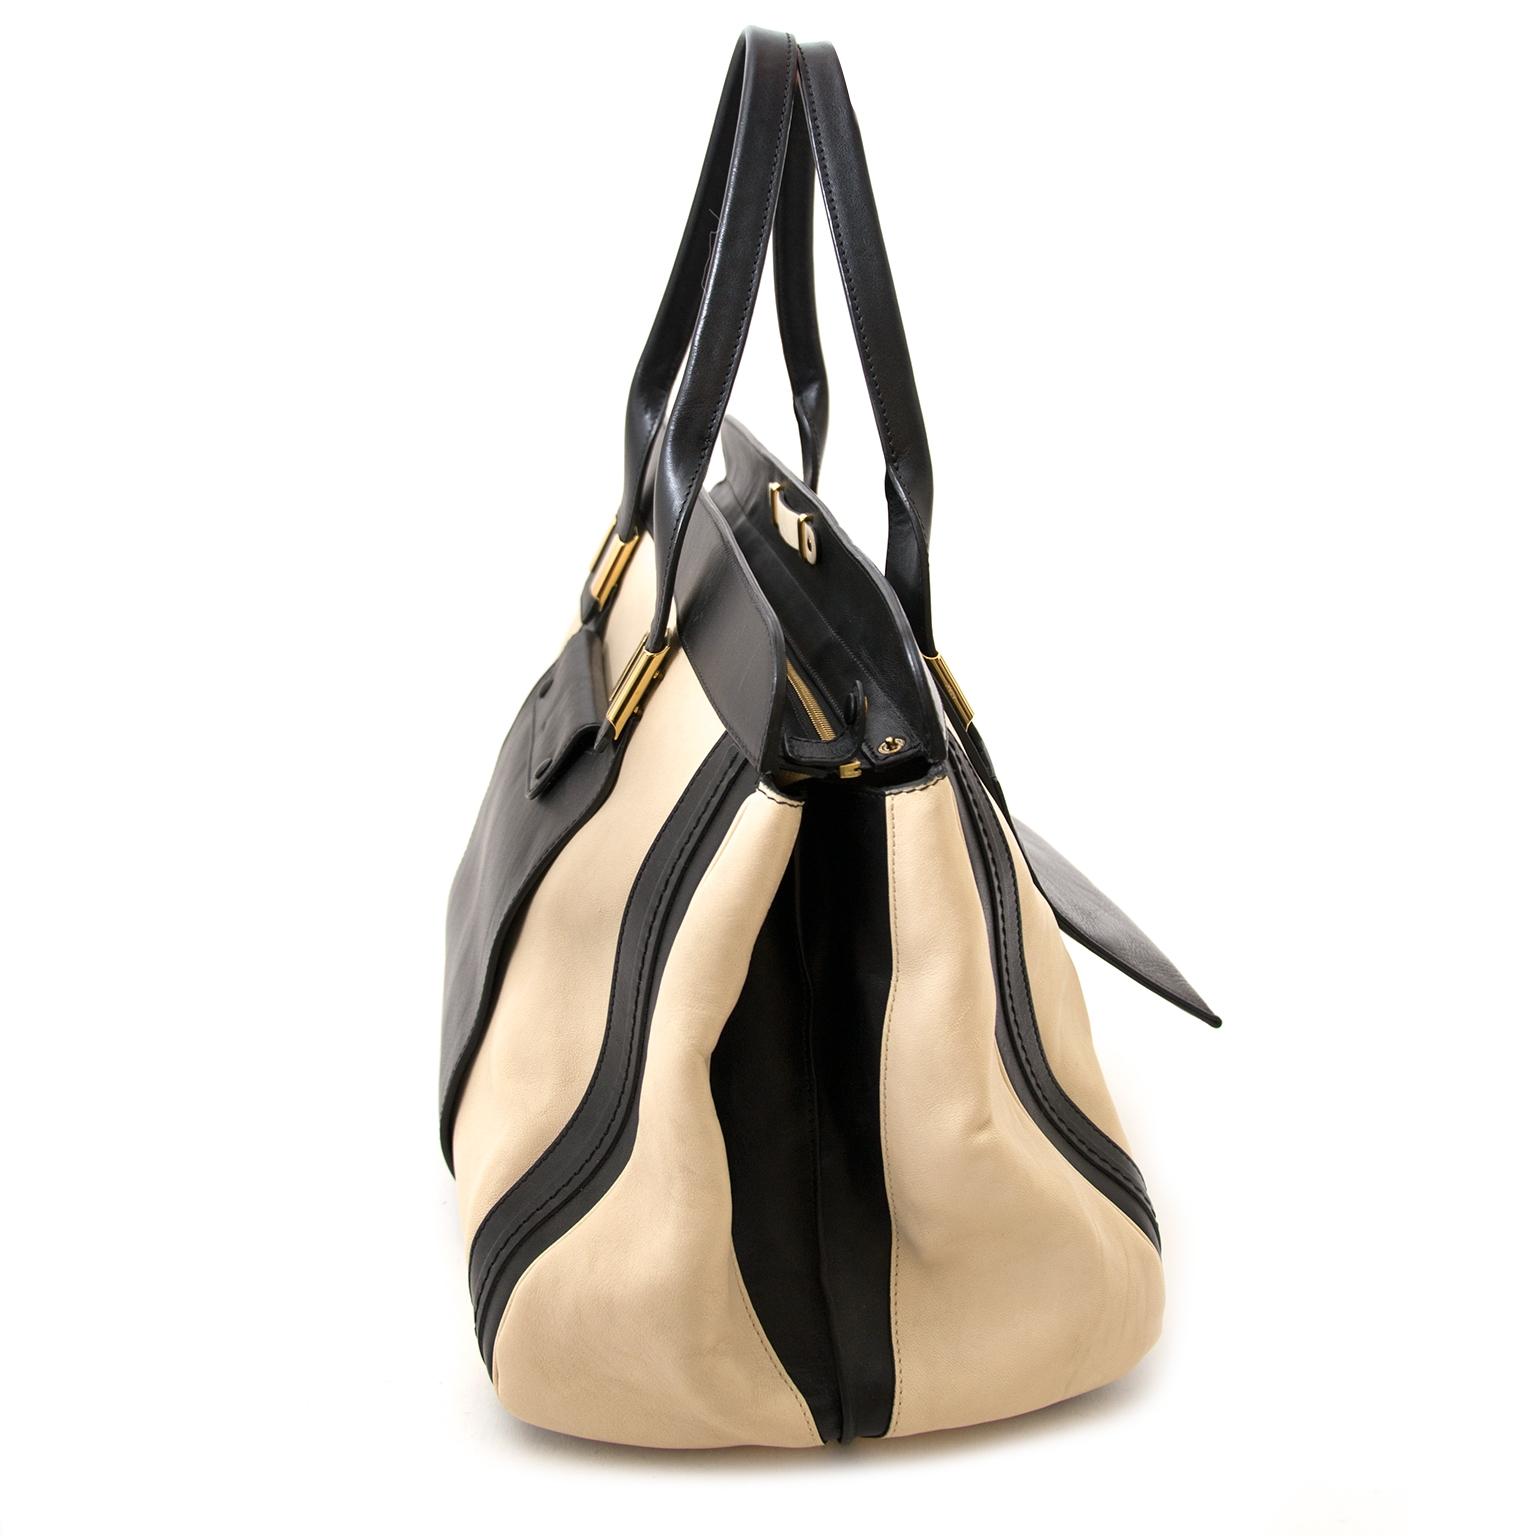 achetez Chloé Black And White Alice Bag chez labellov pour le meilleur prix